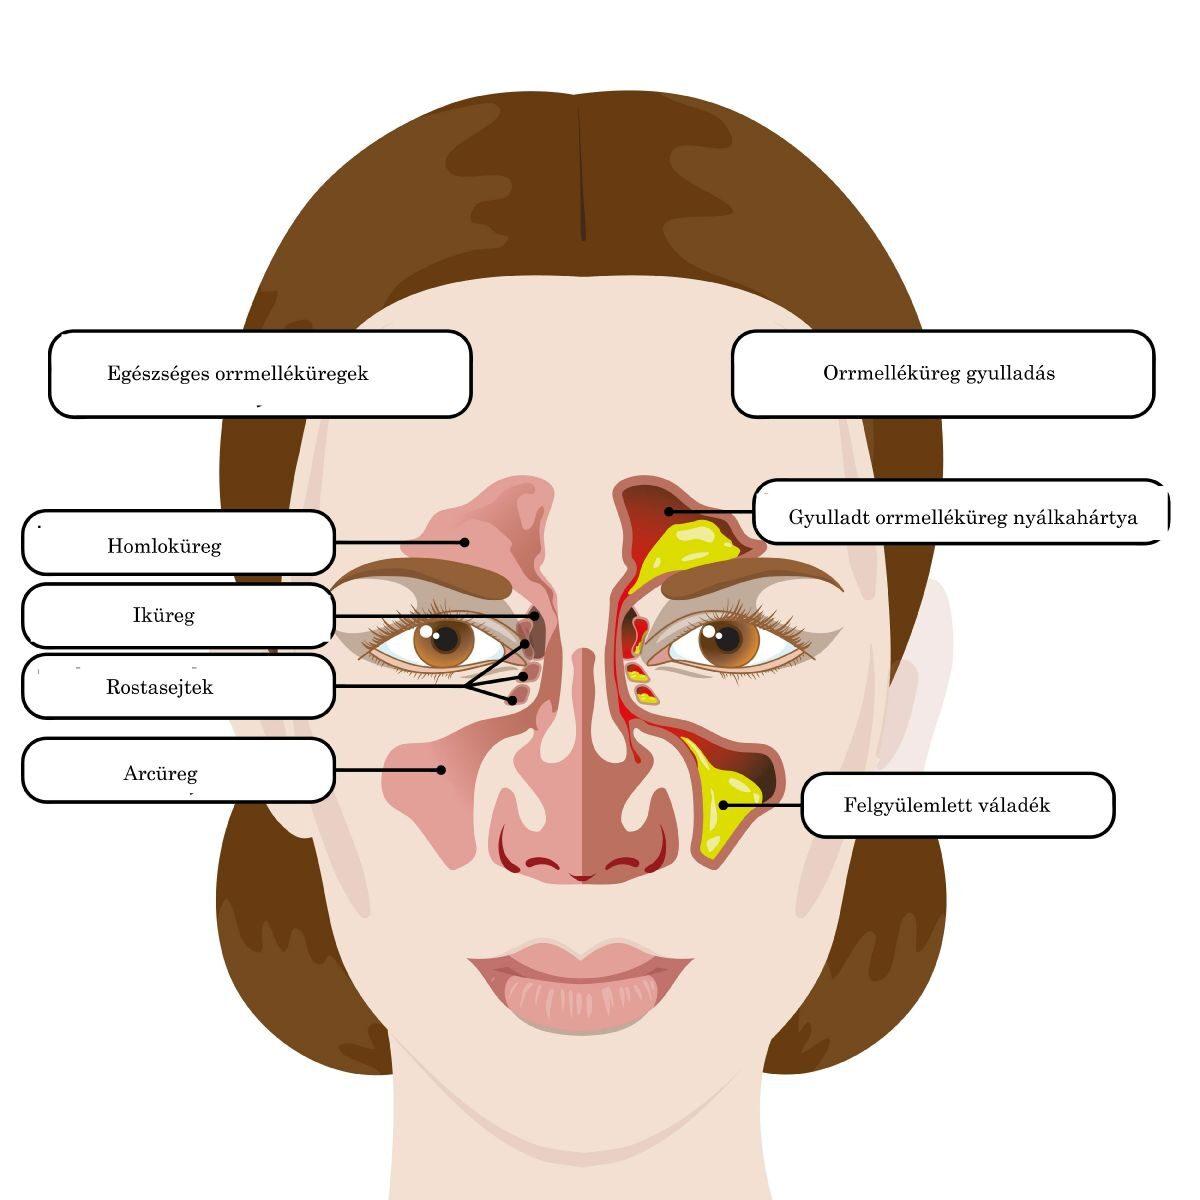 magas vérnyomás és arcüreggyulladás